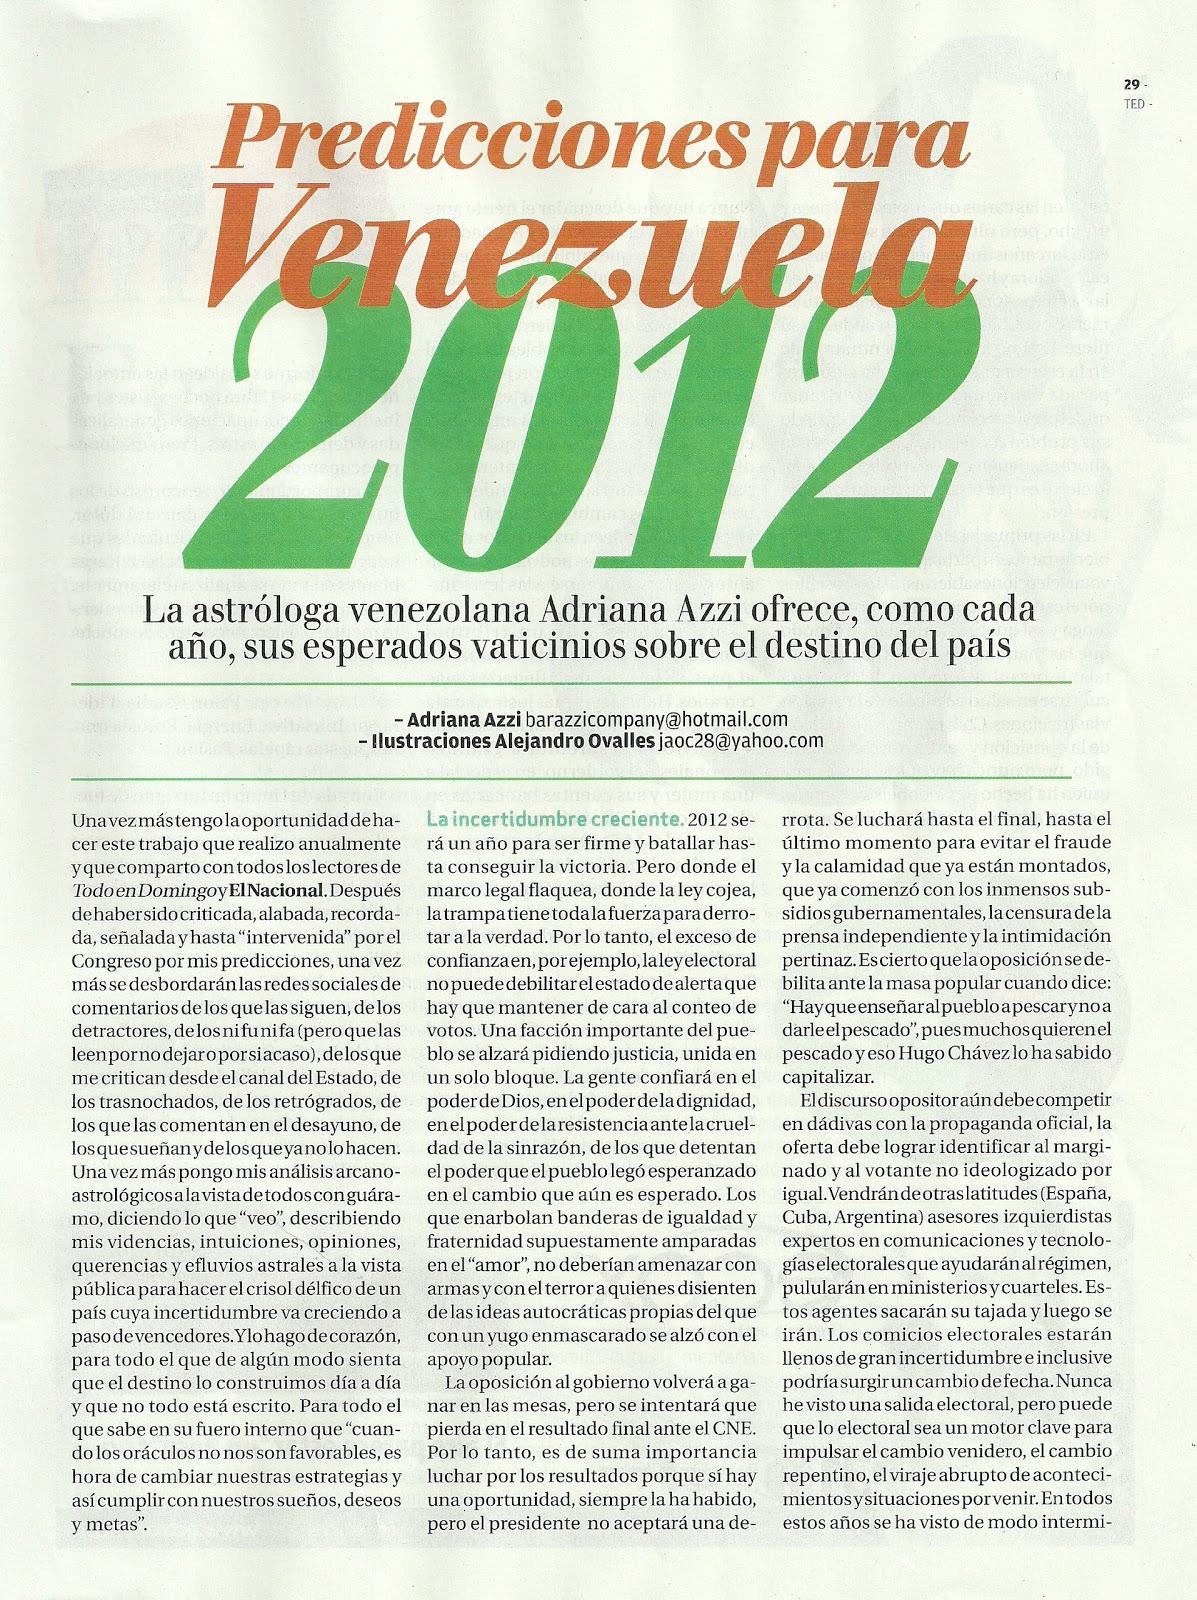 Predicciones para Venezuela 2012 - Adriana Azzi